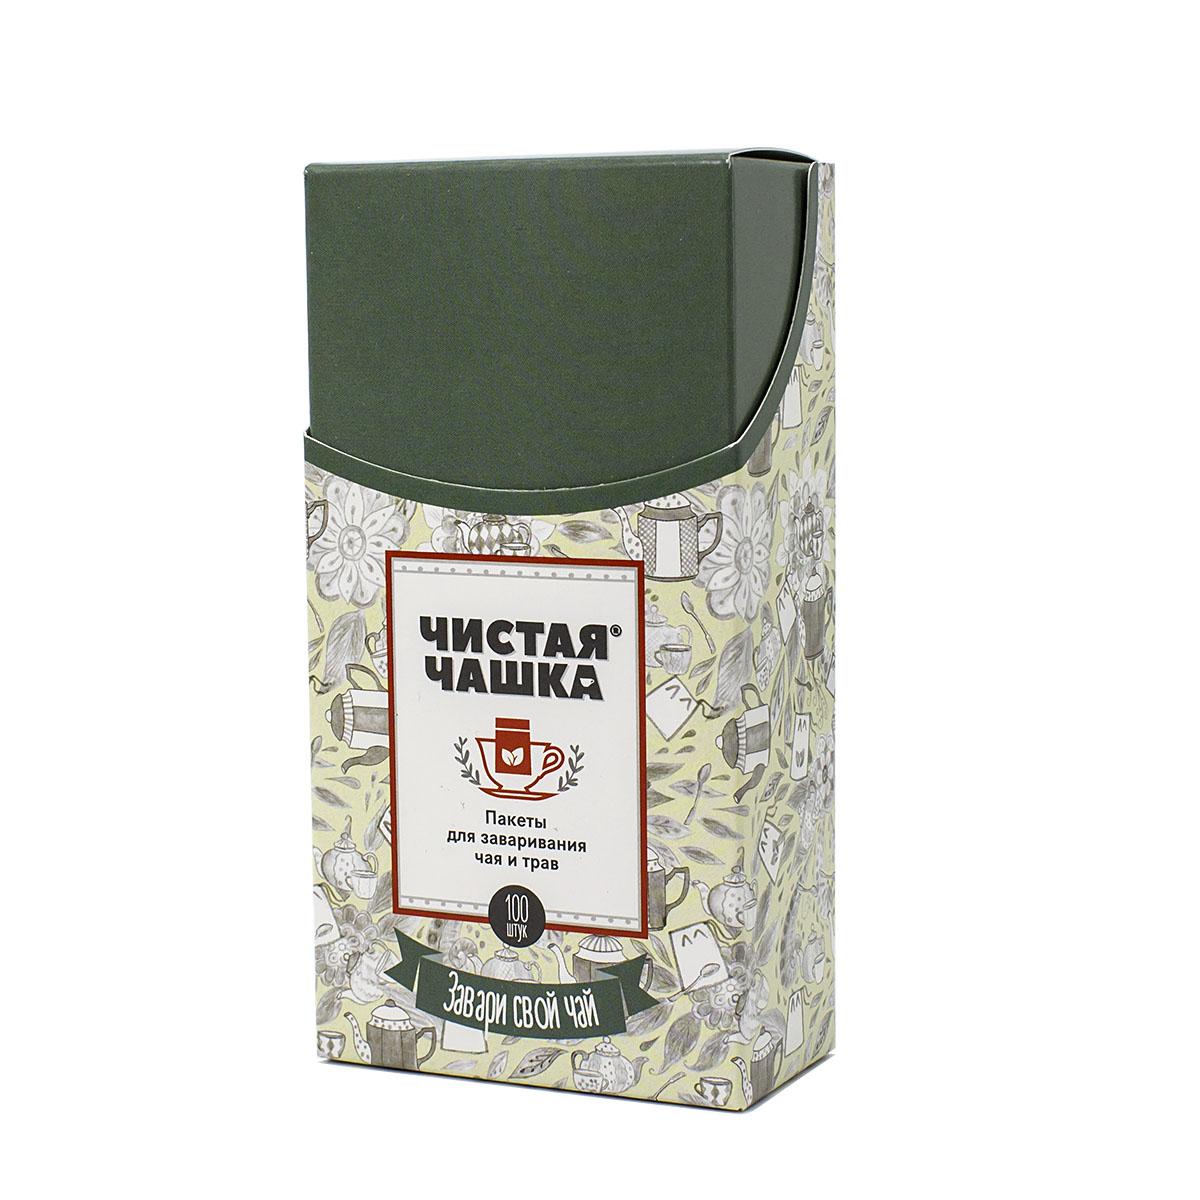 Фильтр-пакеты для заваривания чая и трав бумажные Чистая чашка, 5,5 х 12 см, 100 шт фильтр пакеты чистая чашка для заваривания чая и трав в кружке 5 штук